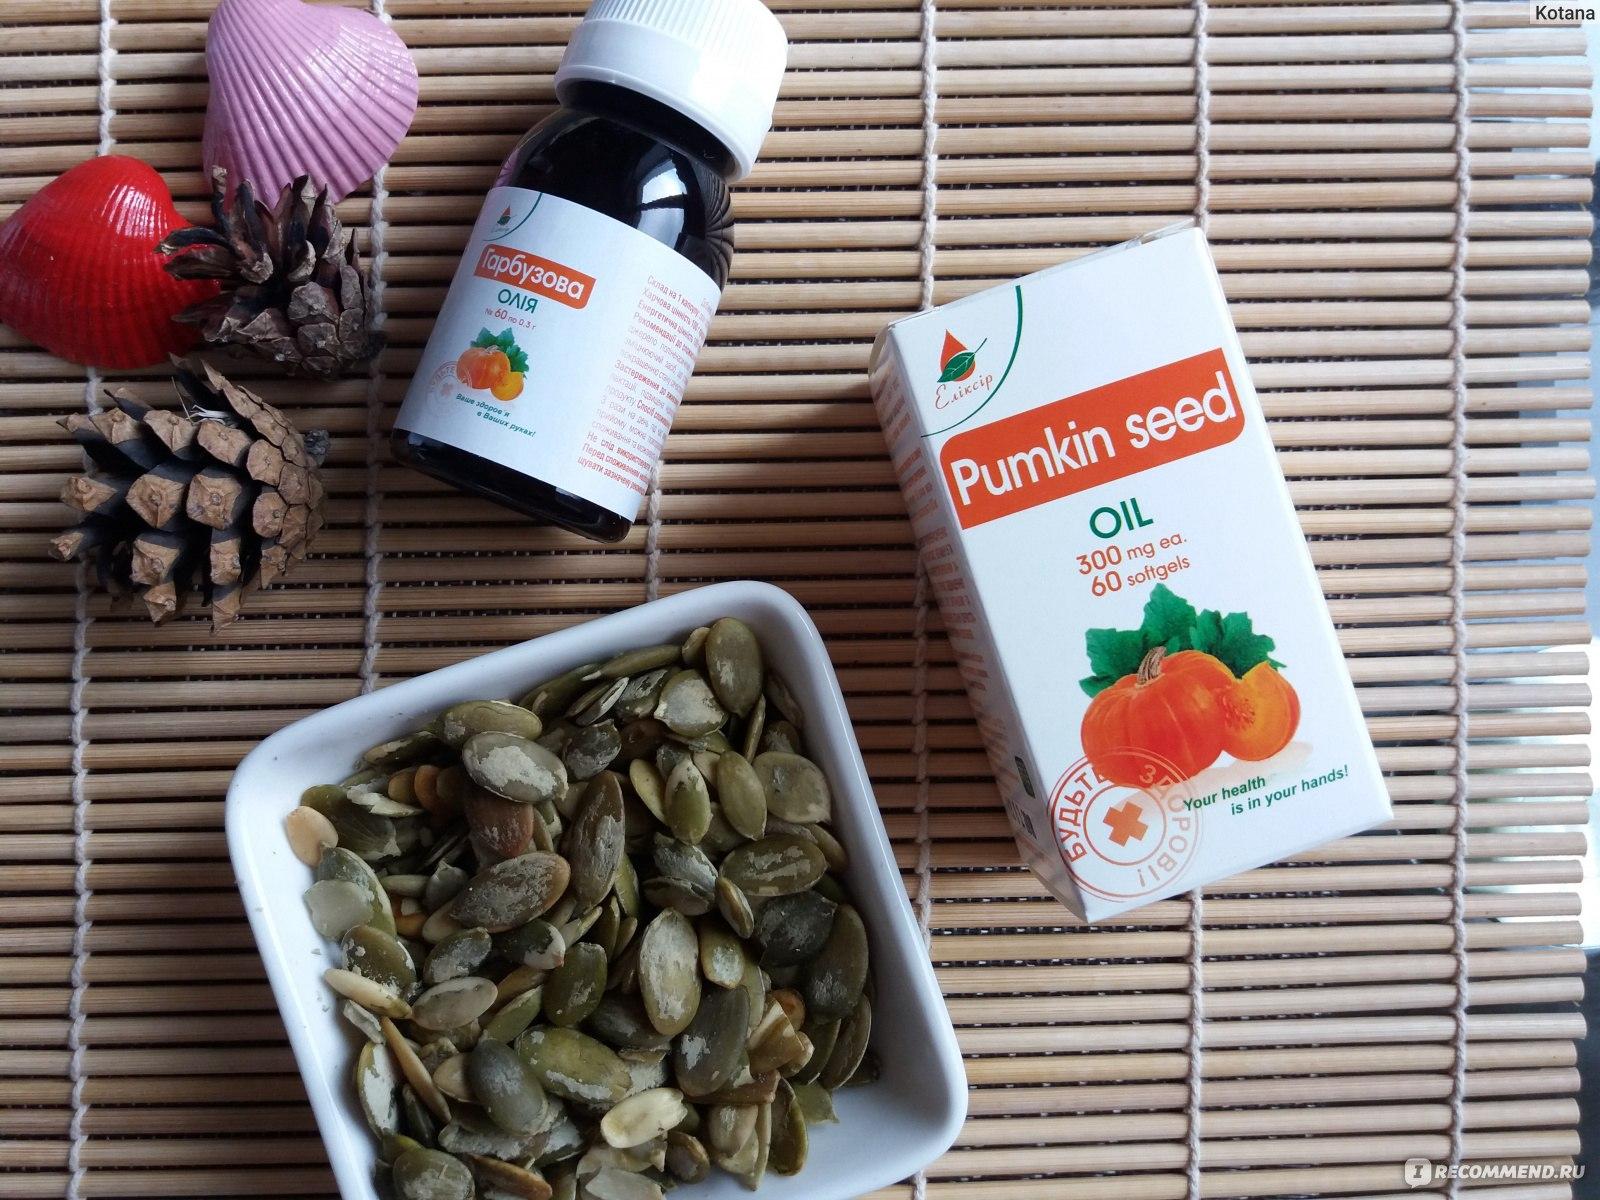 Как принимать тыквенное масло от простатита препараты от импотенции при простатите